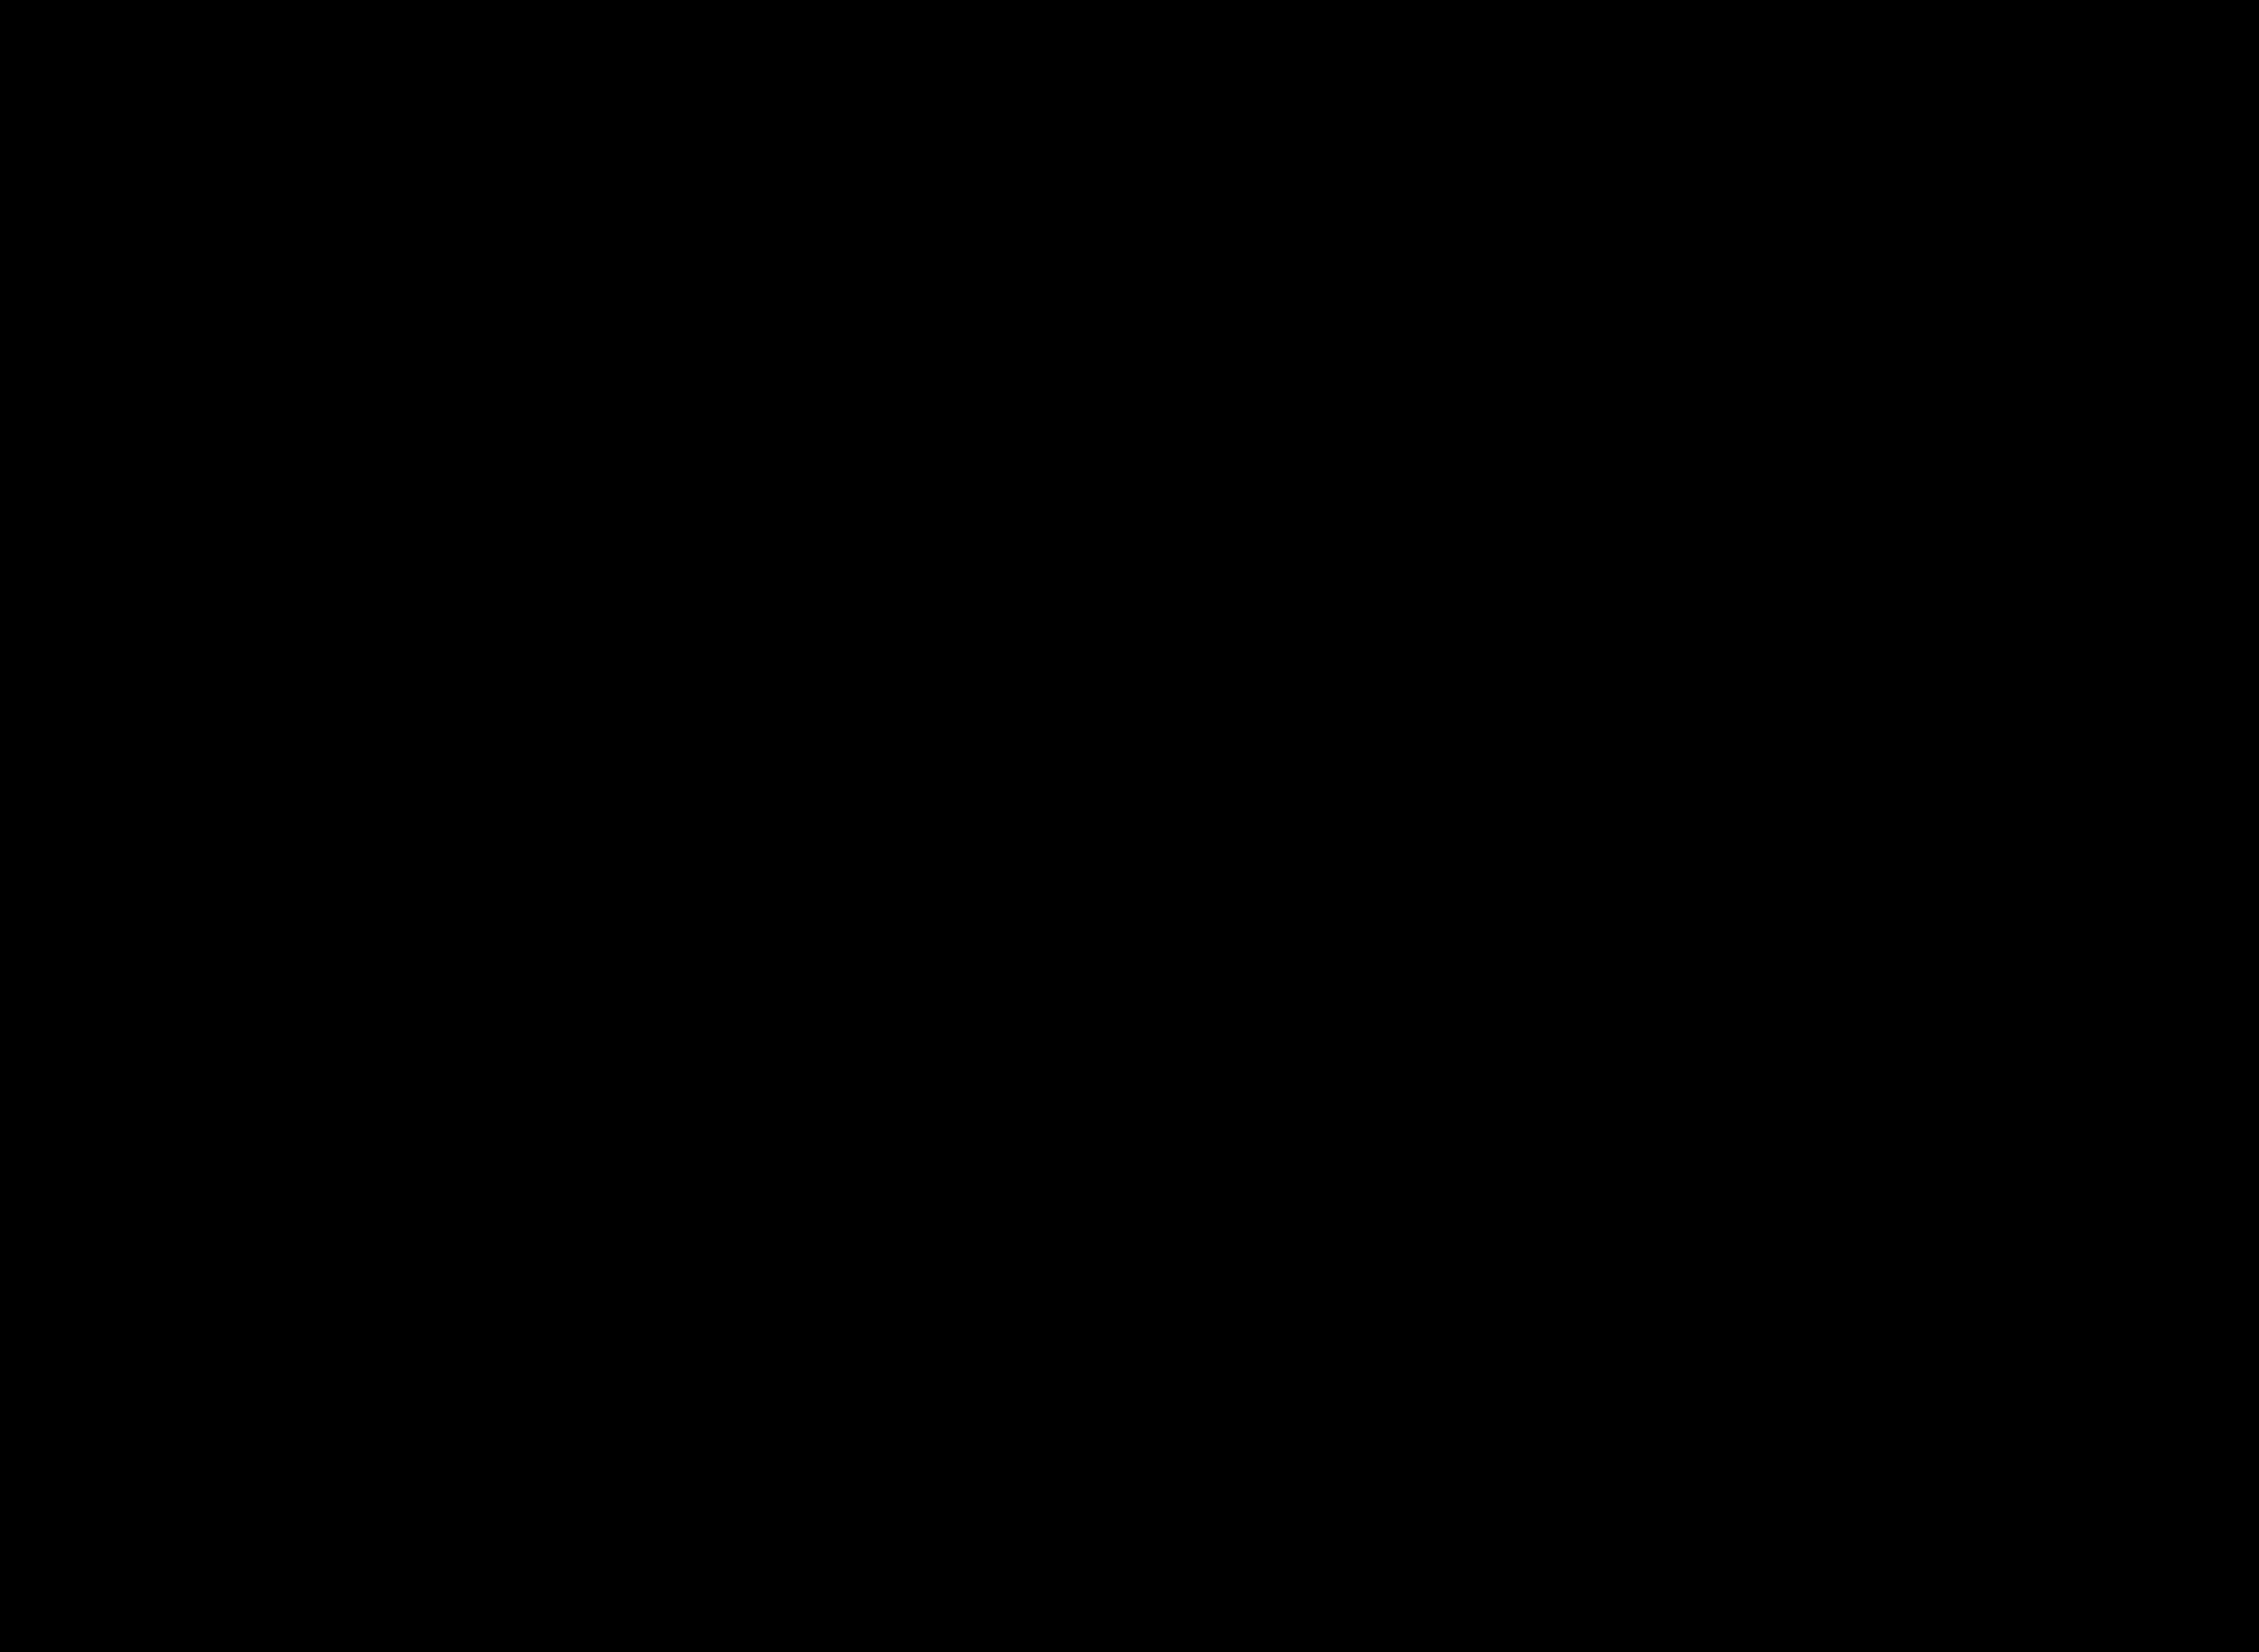 Mapa Topografico Del Pais Vasco En Formato Img Para Garmin